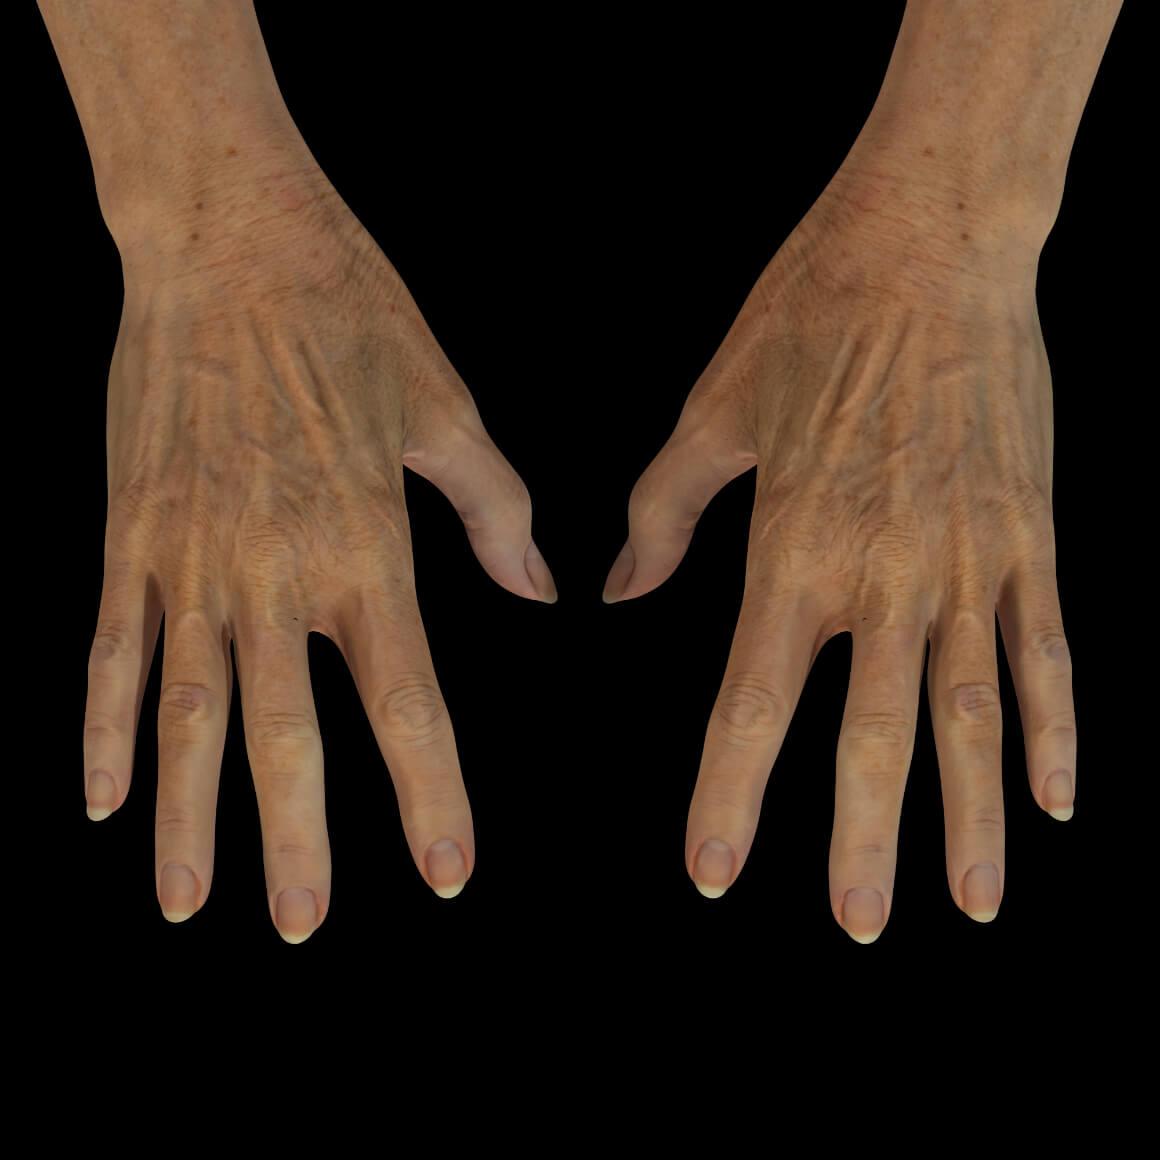 Mains d'une patiente de la Clinique Chloé montrant plusieurs taches pigmentaires, des rides et des tendons apparents